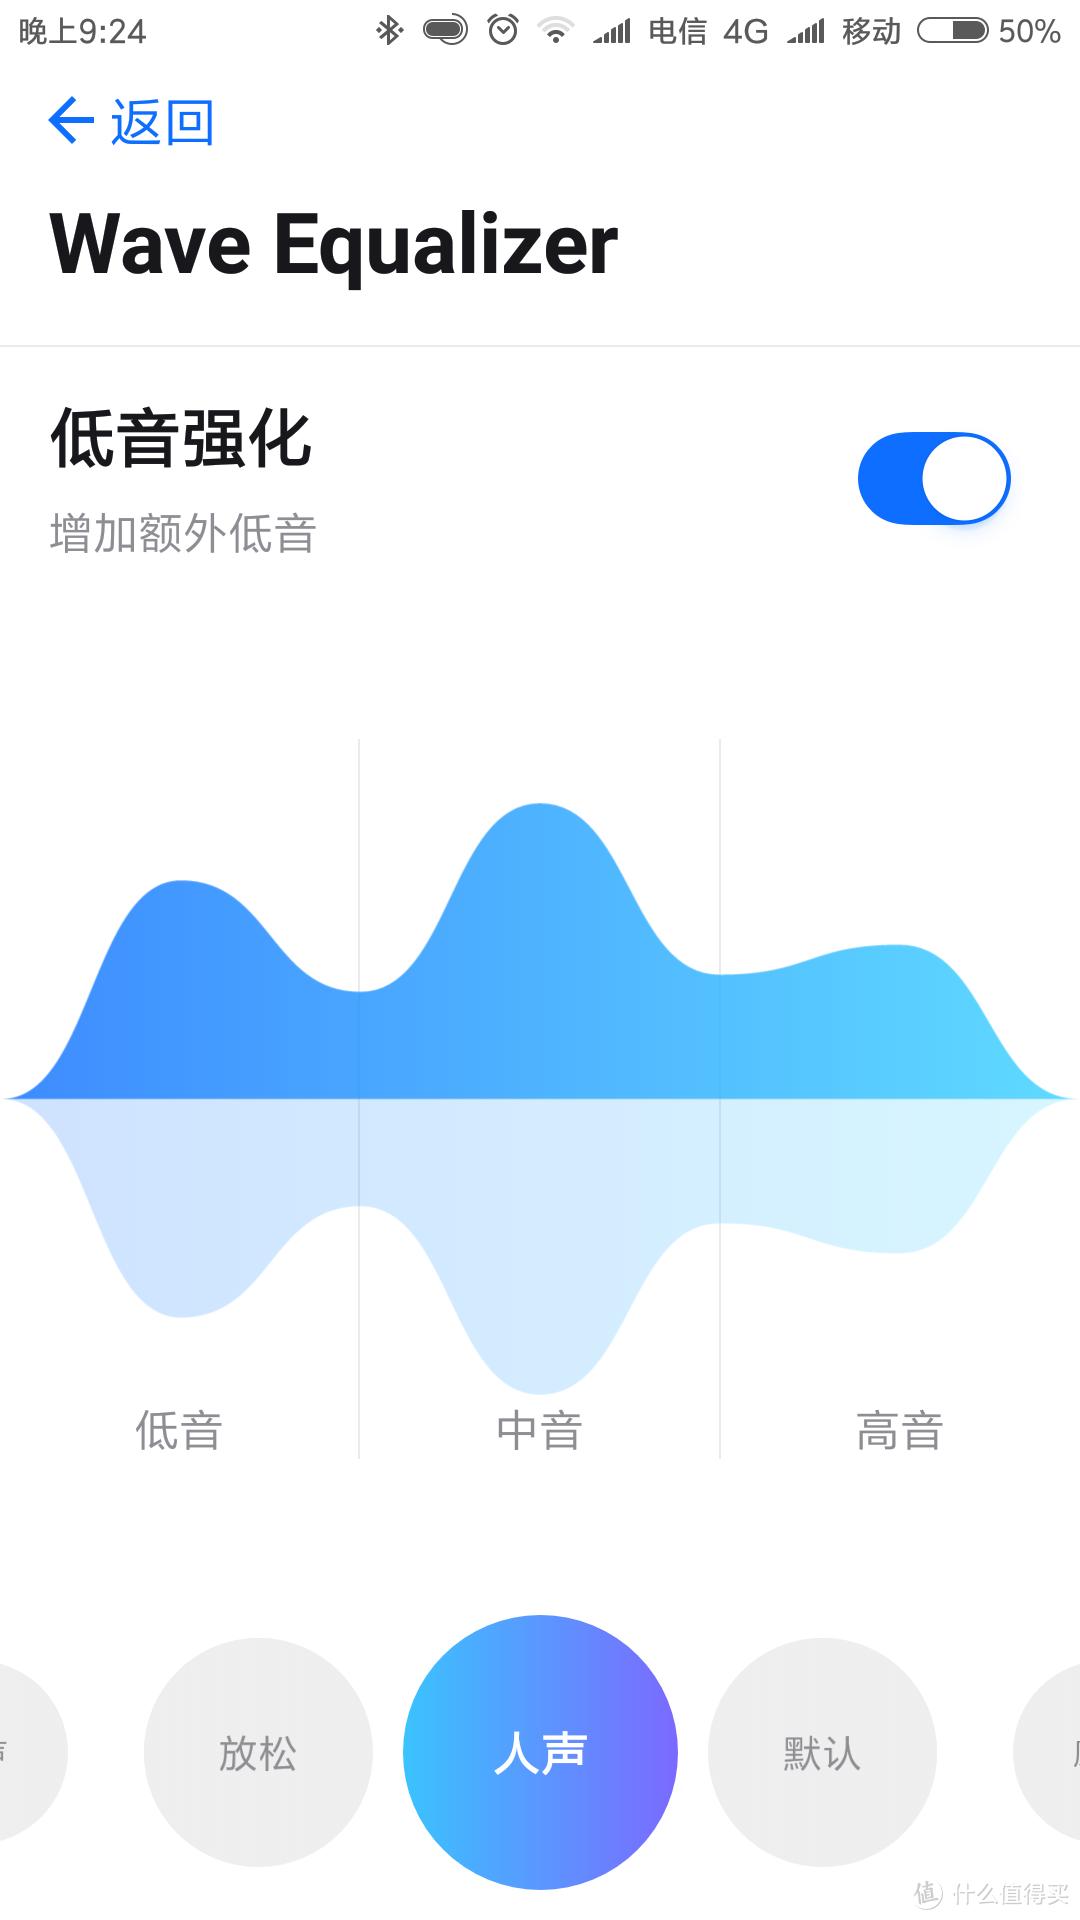 妙曼炫彩 - Soundcore Flare 燃!蓝牙音箱评测